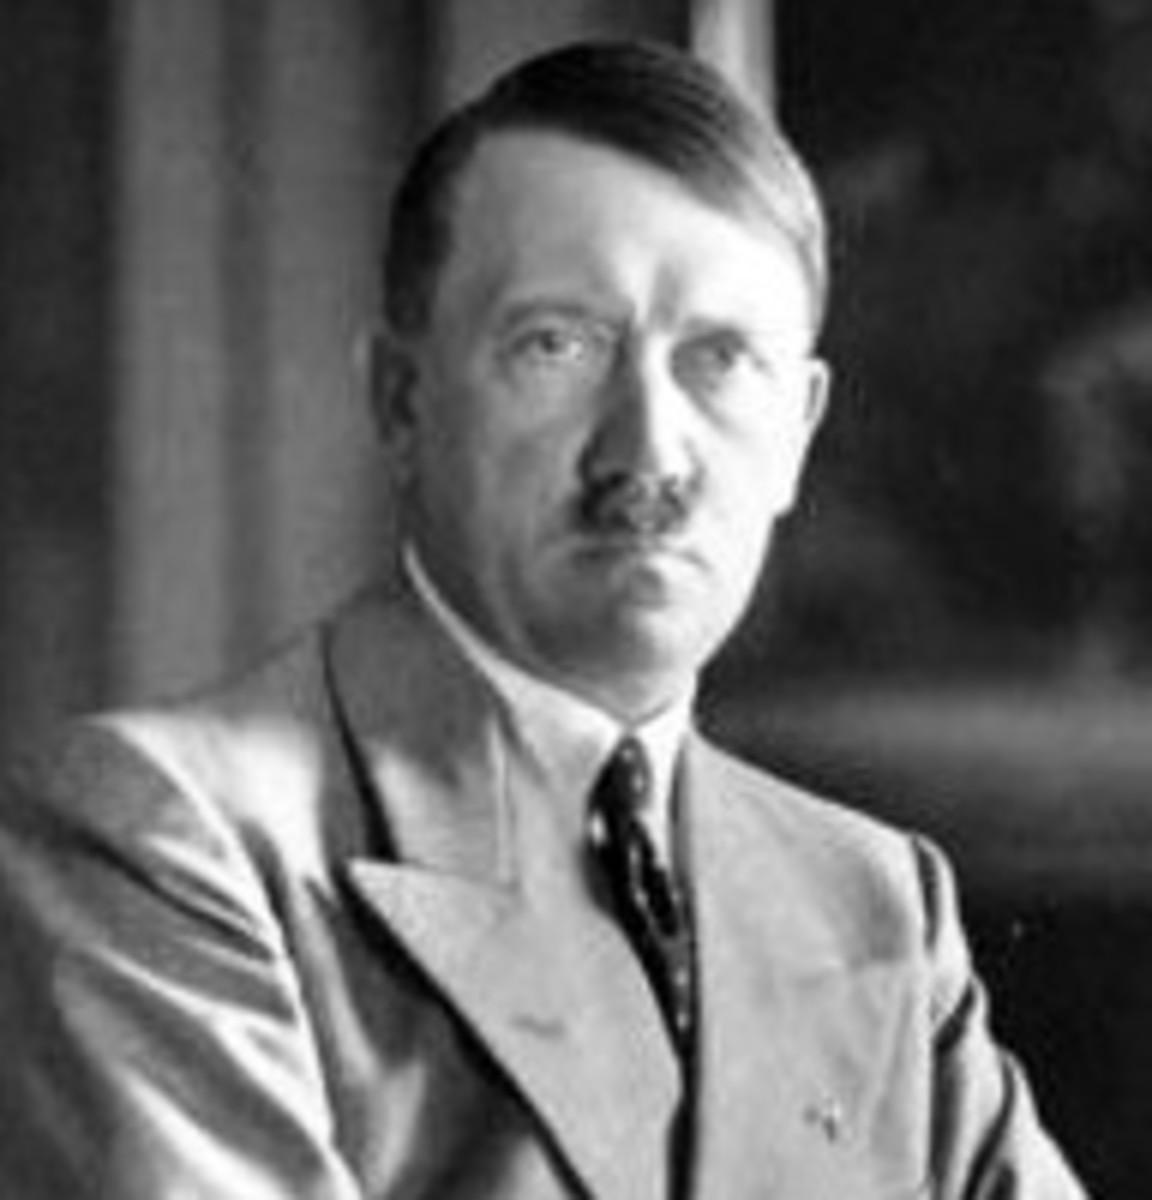 Was Adolf Hitler a religious man?